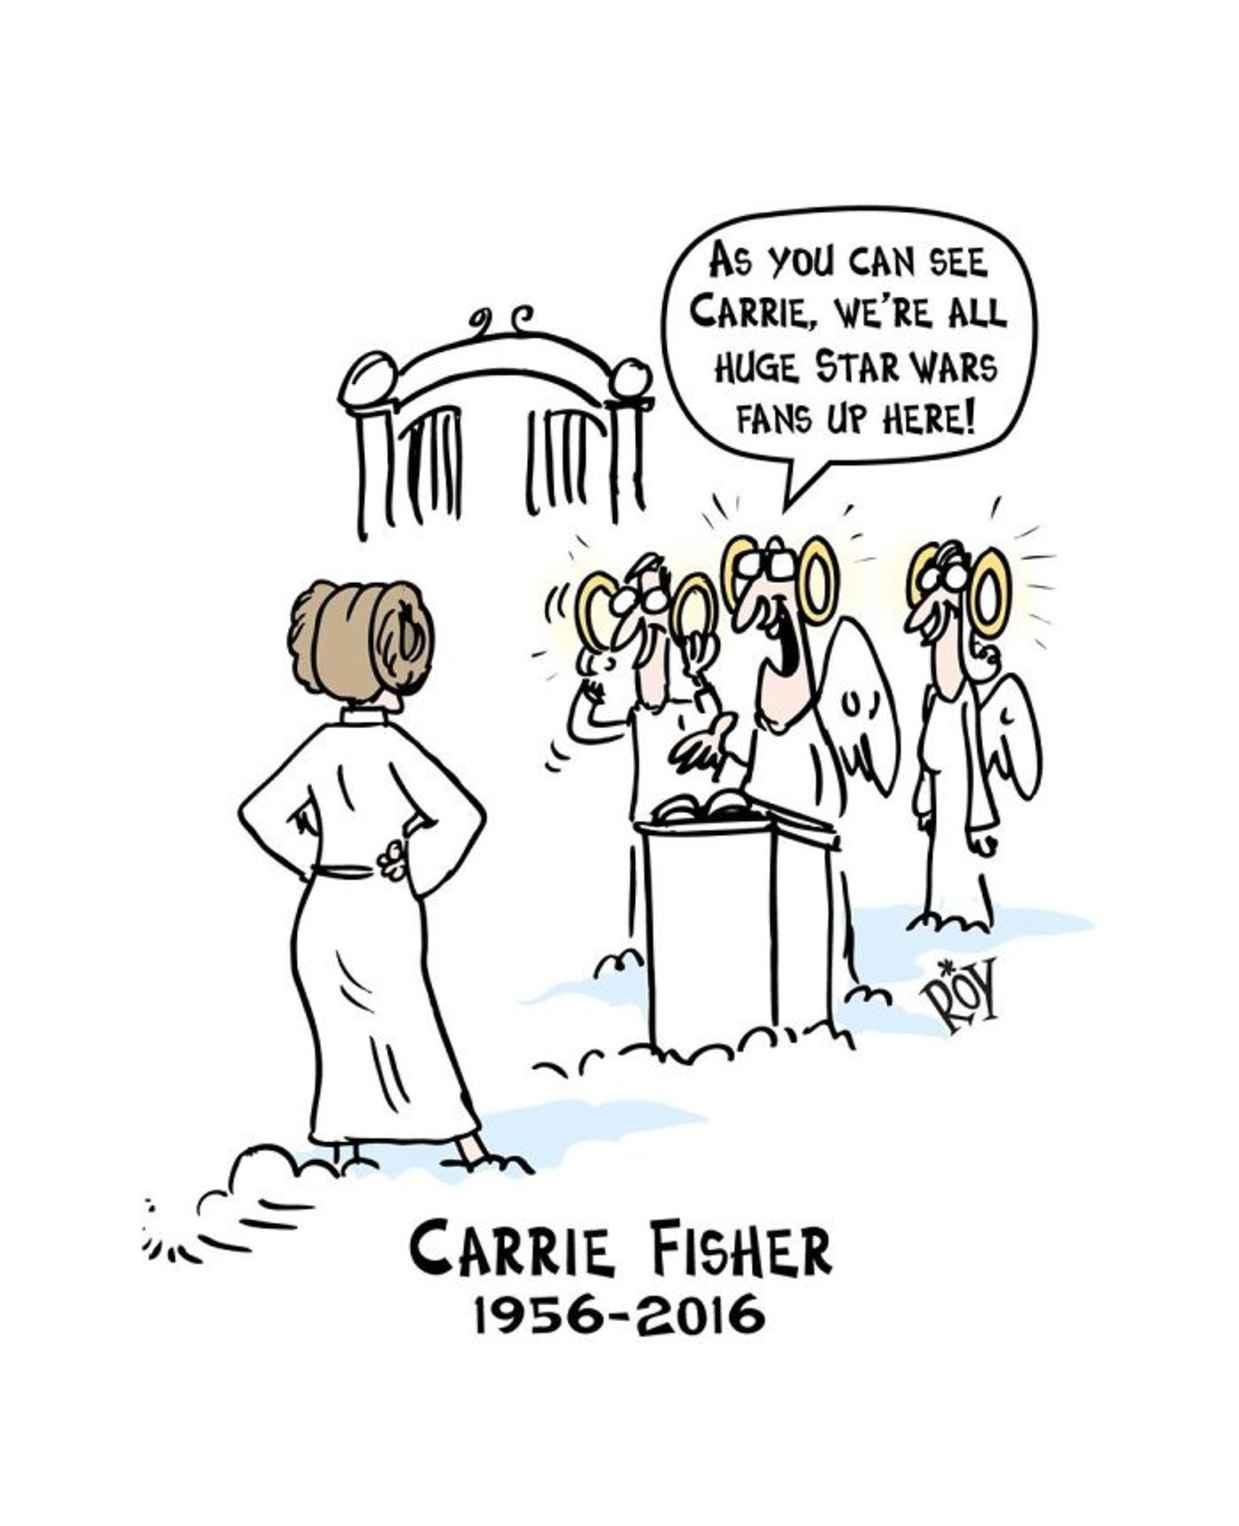 Les hommages en illustrations de Carry Fisher ou Princesse Leia dans StarWars 5